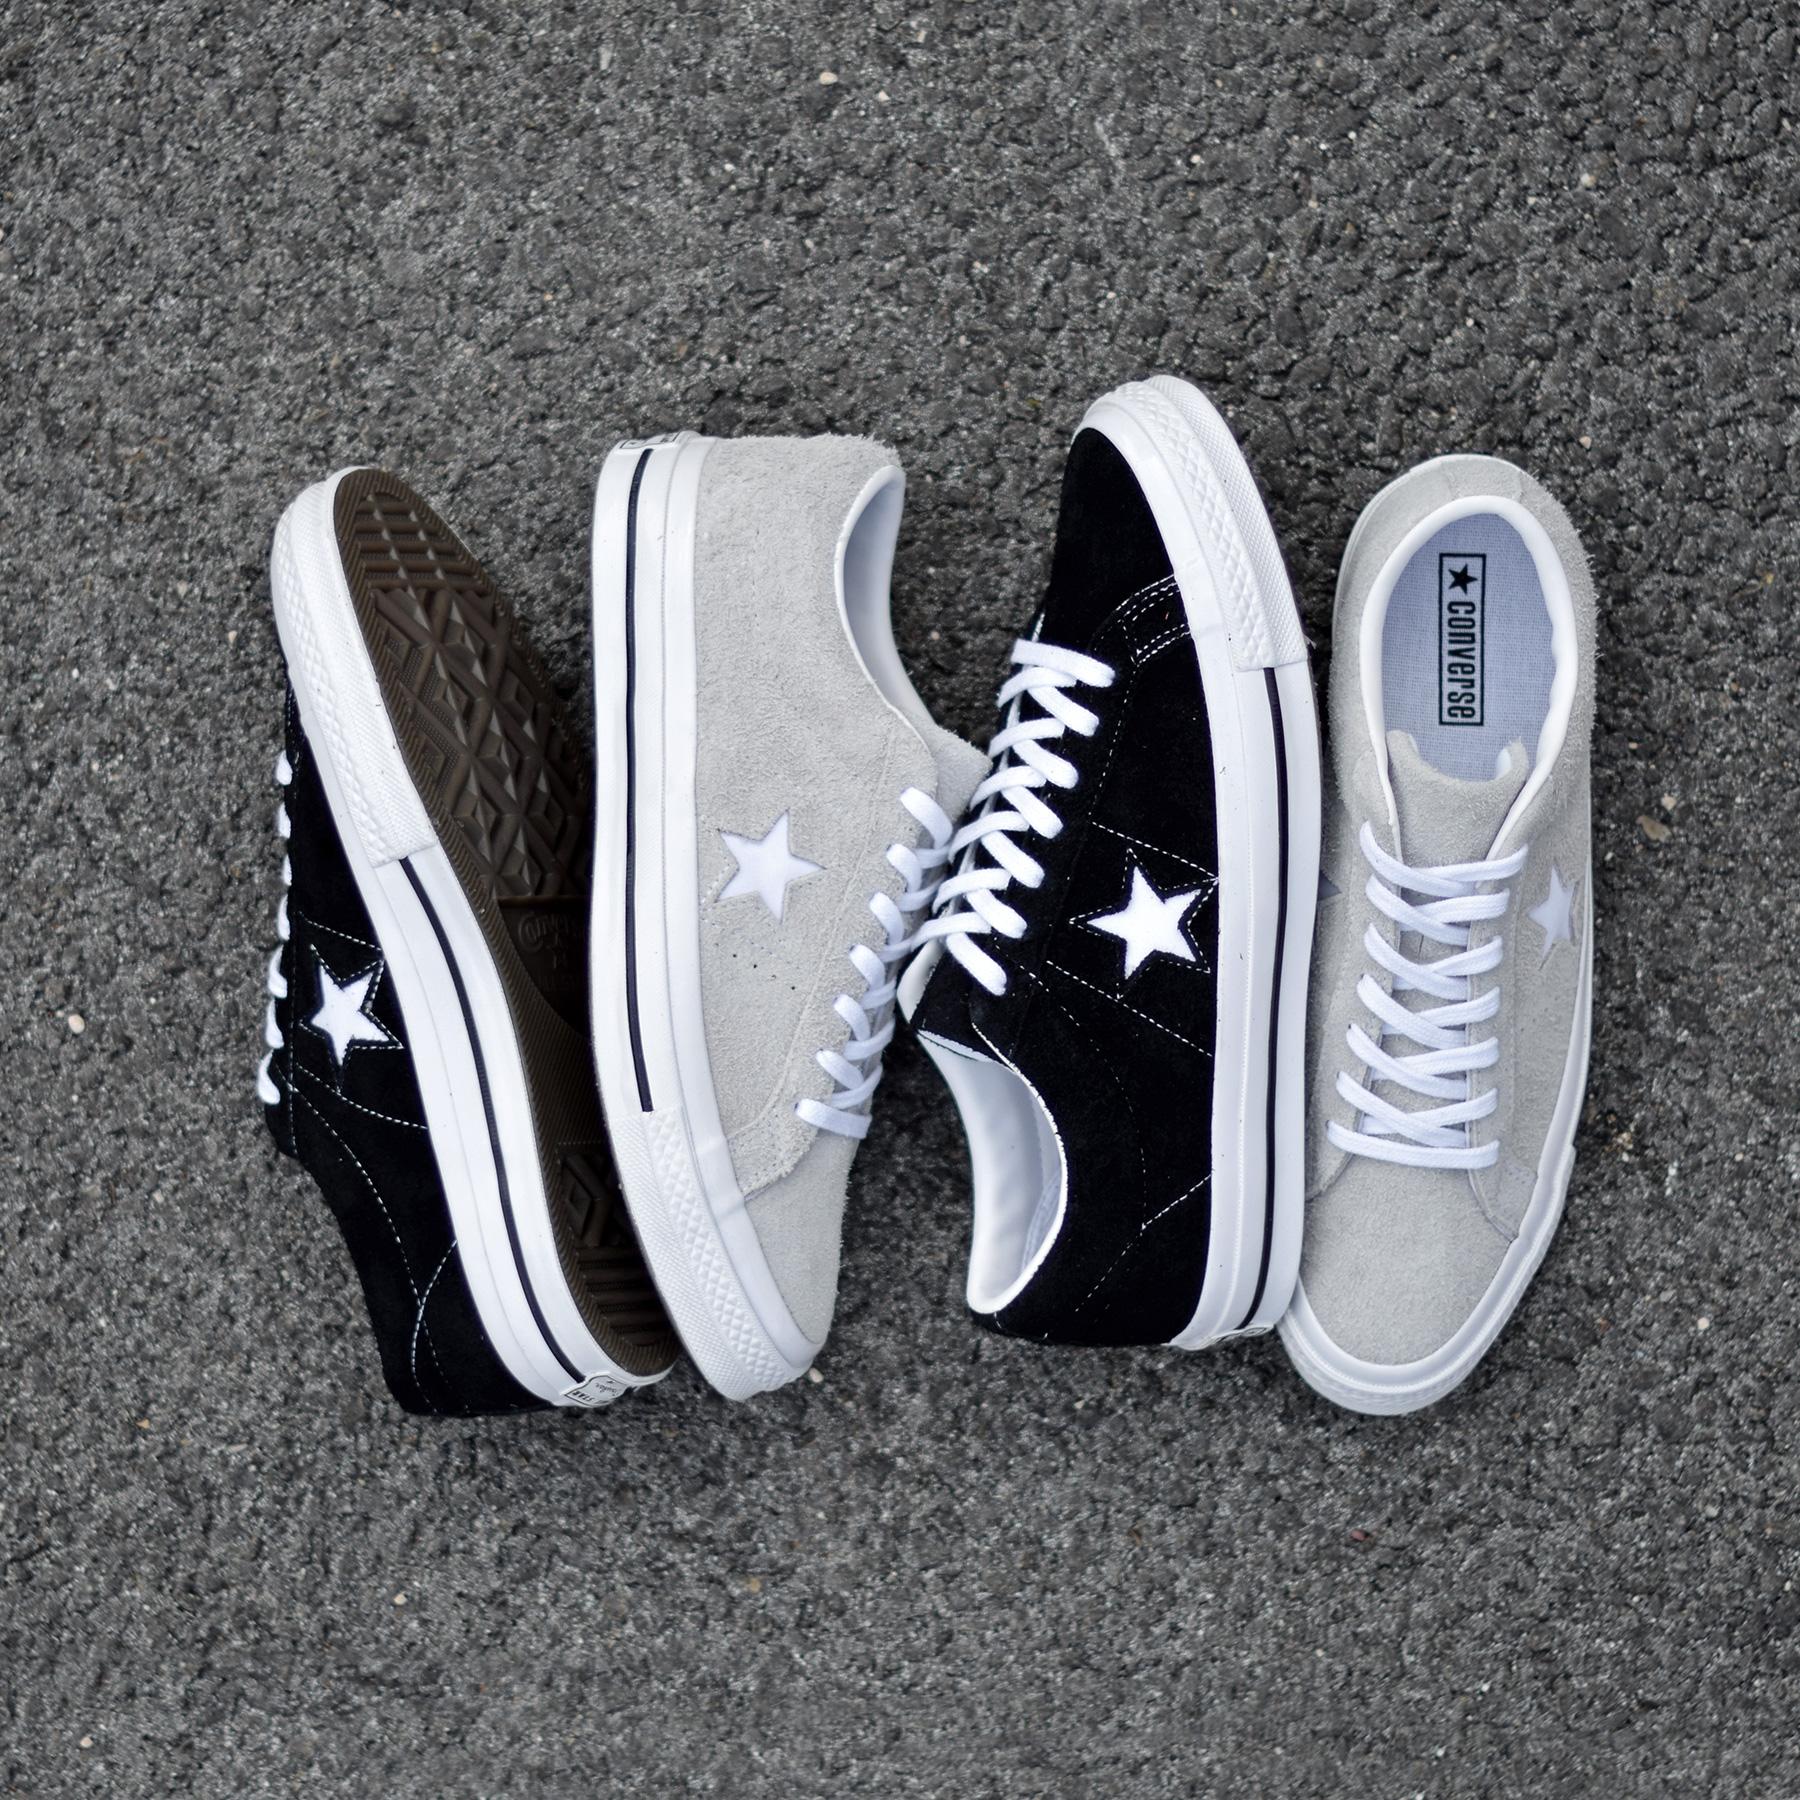 converse one star suede noir